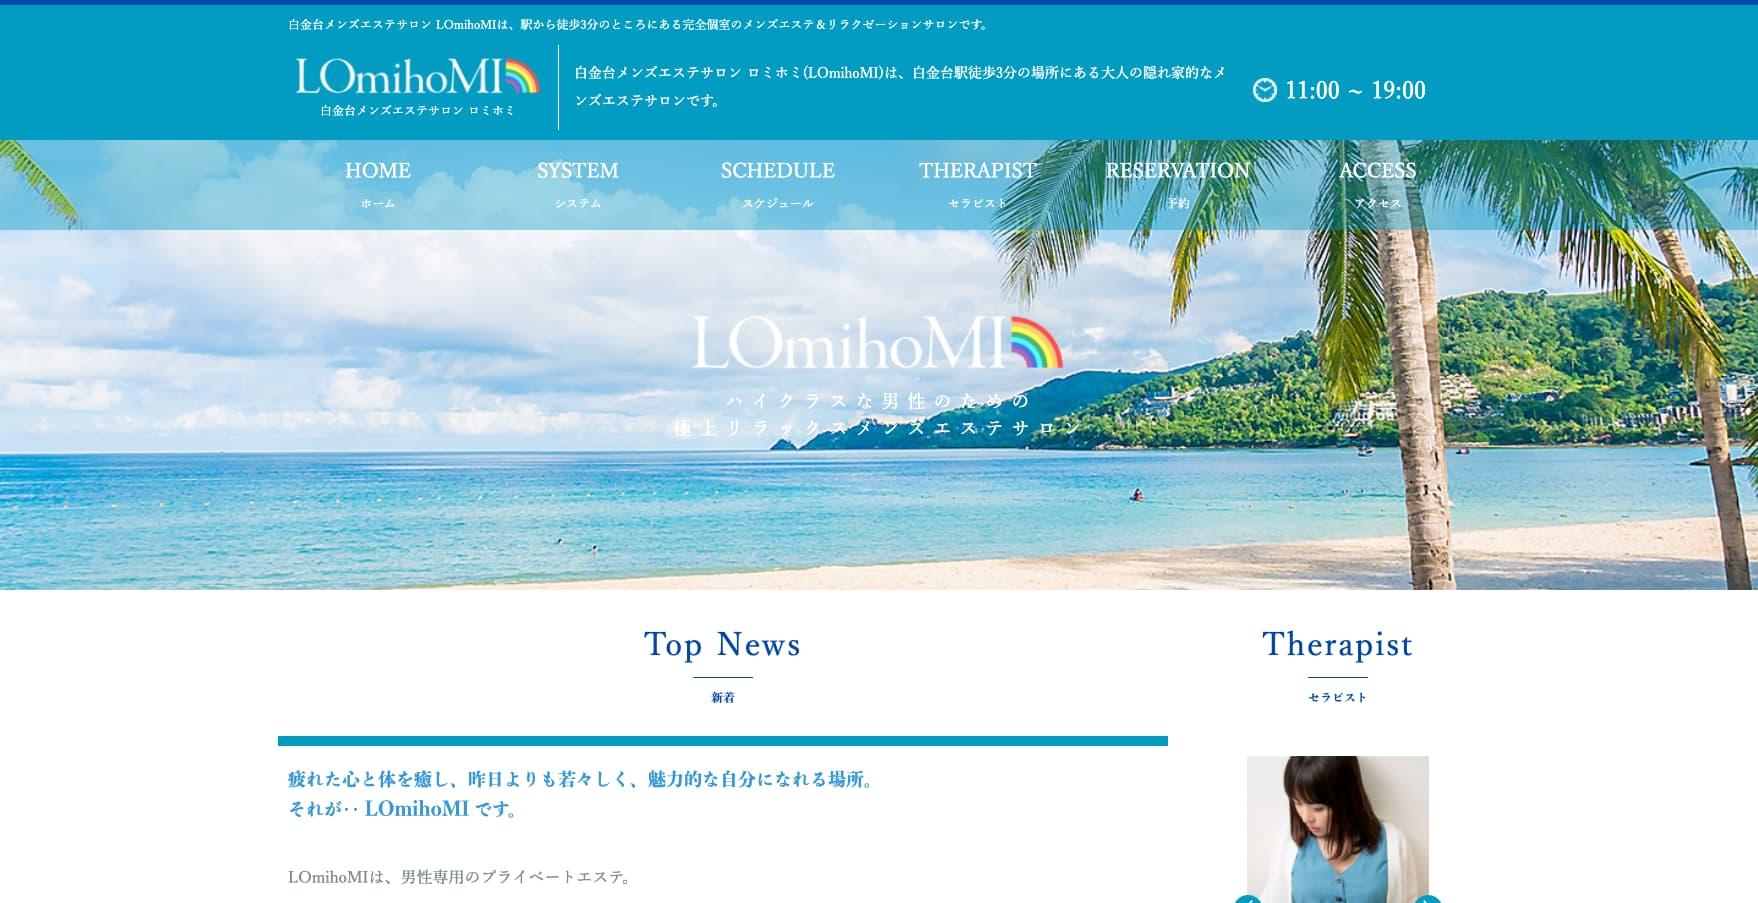 LOmihoMI(ロミホミ)